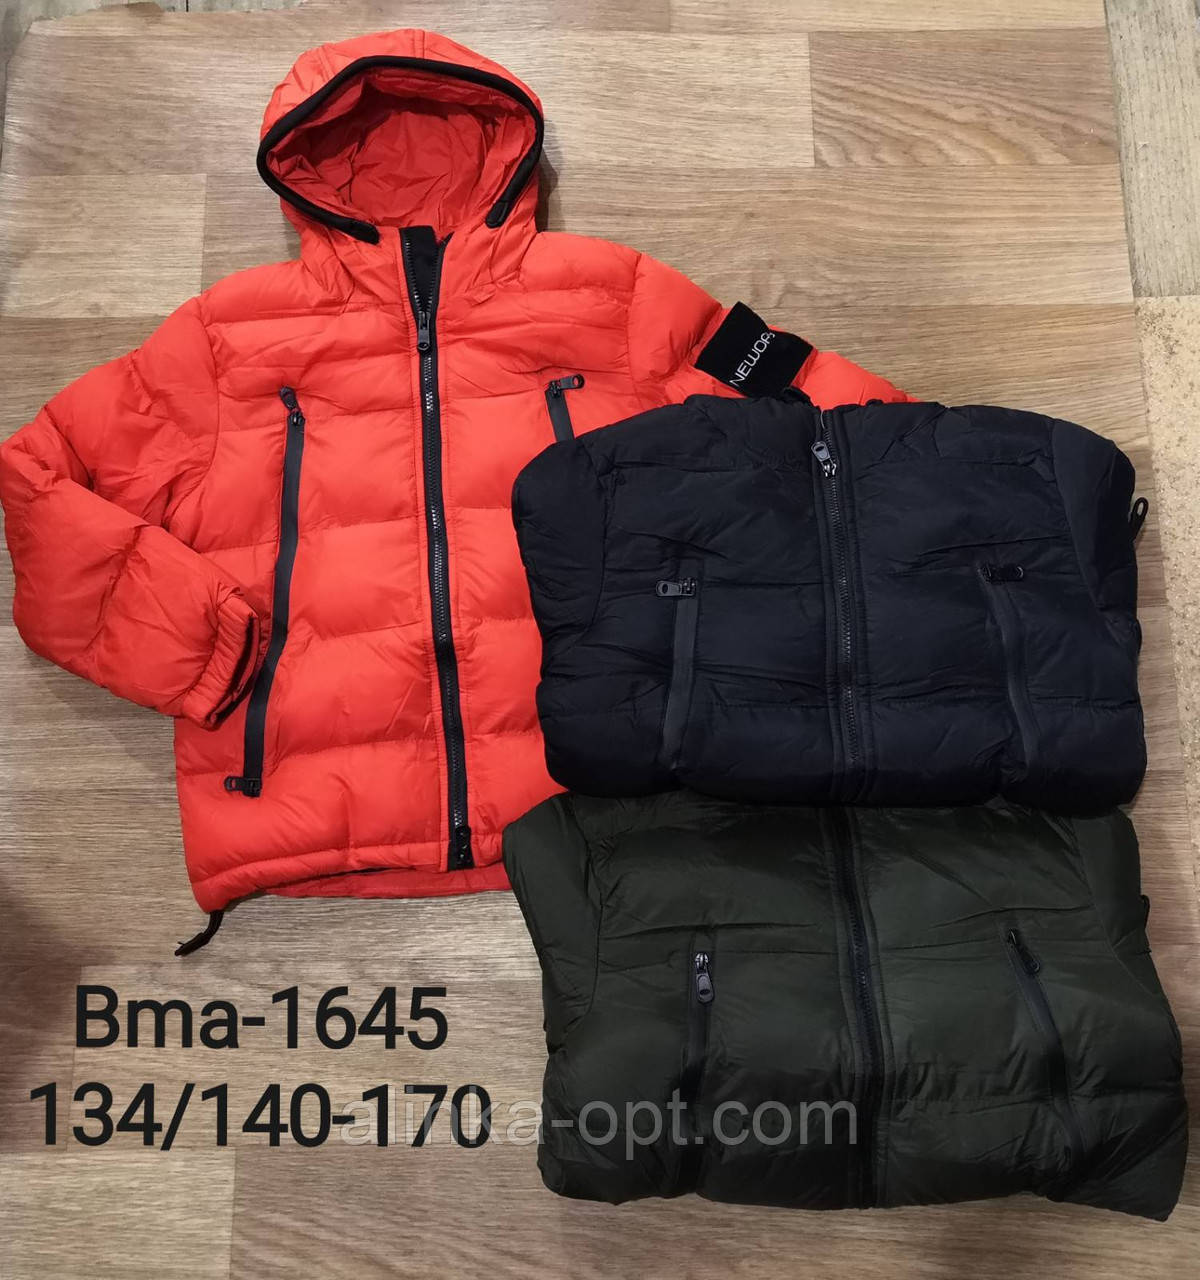 Куртка утеплена для хлопчиків Glo-Story, 134/140-170 рр. Артикул: BMA1645